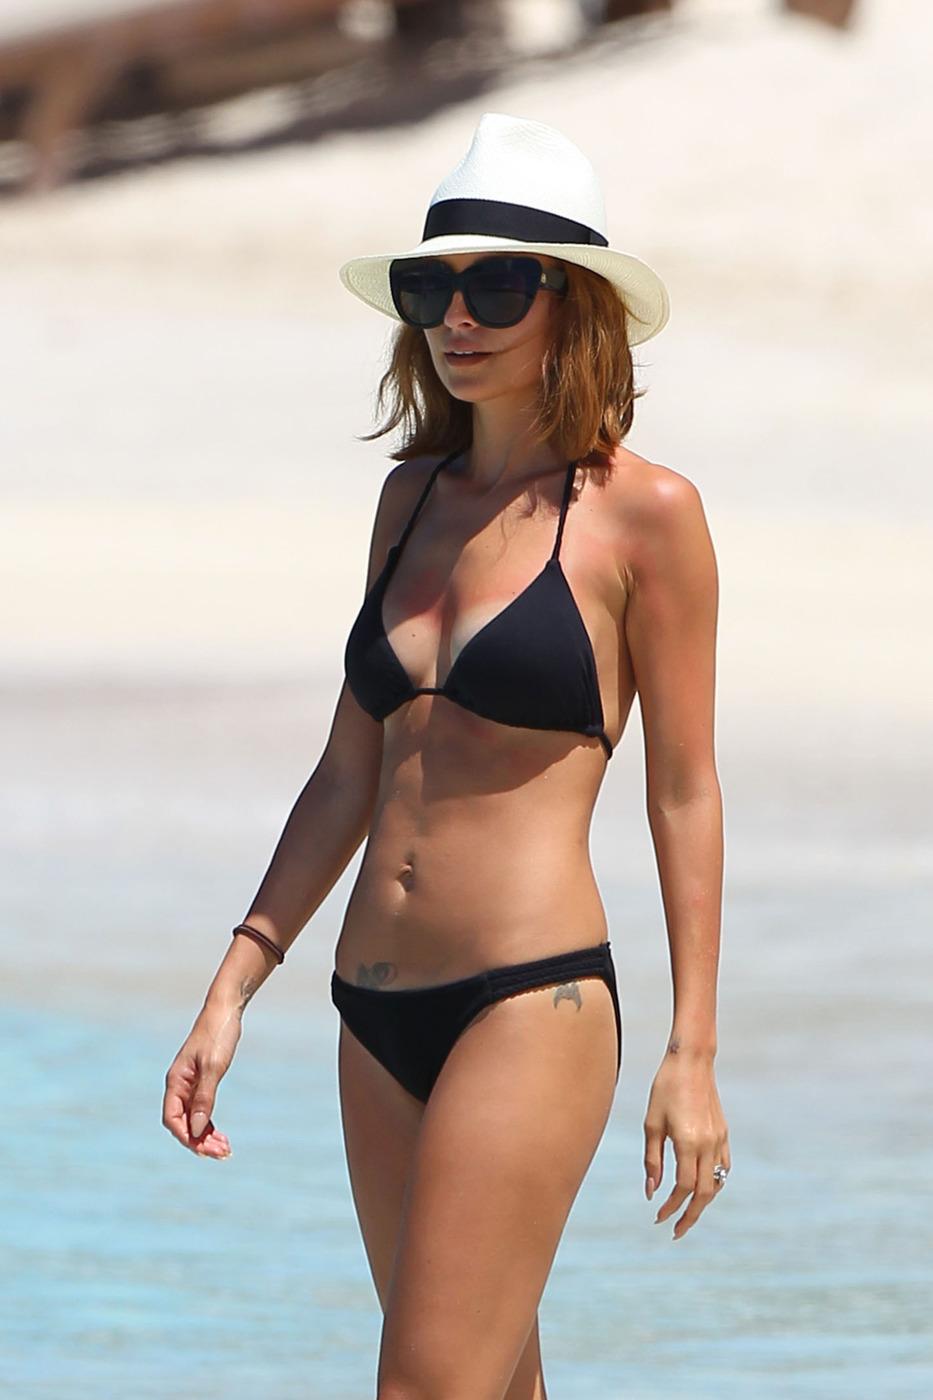 Nicole Richie bikini